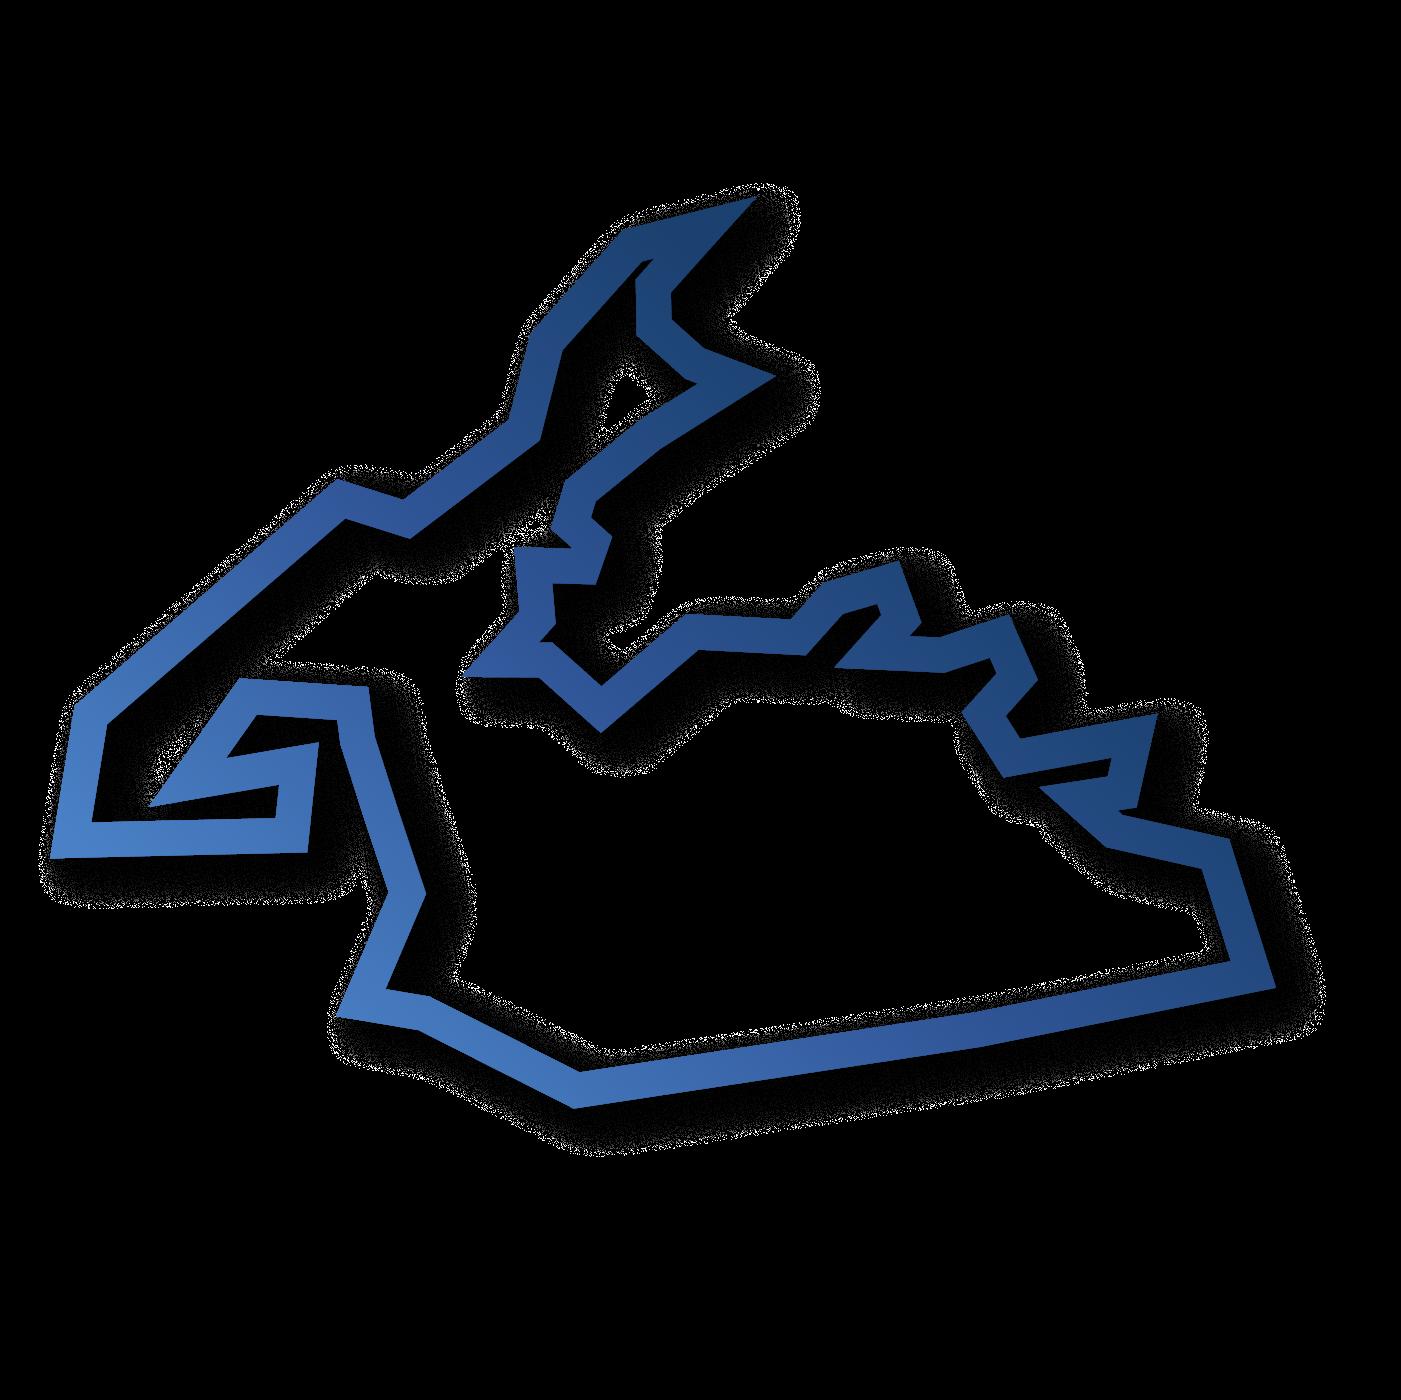 All Kamchatka